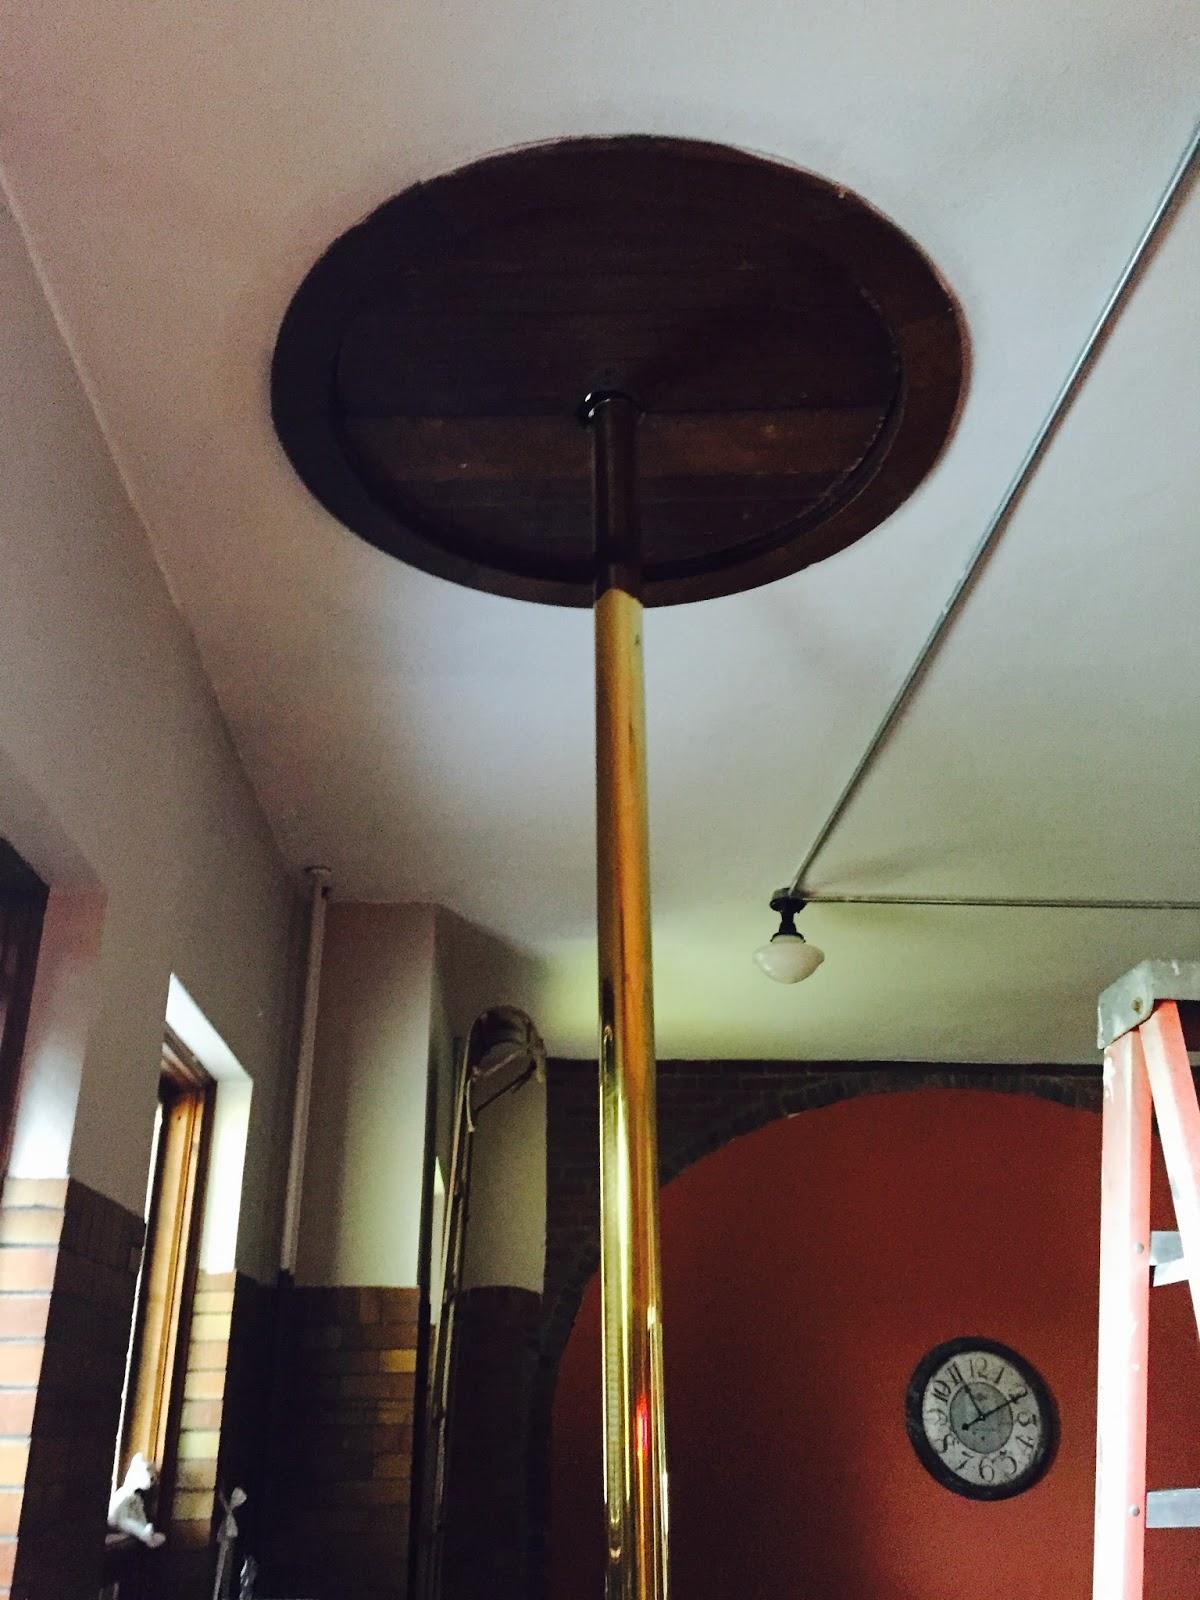 Fire pole